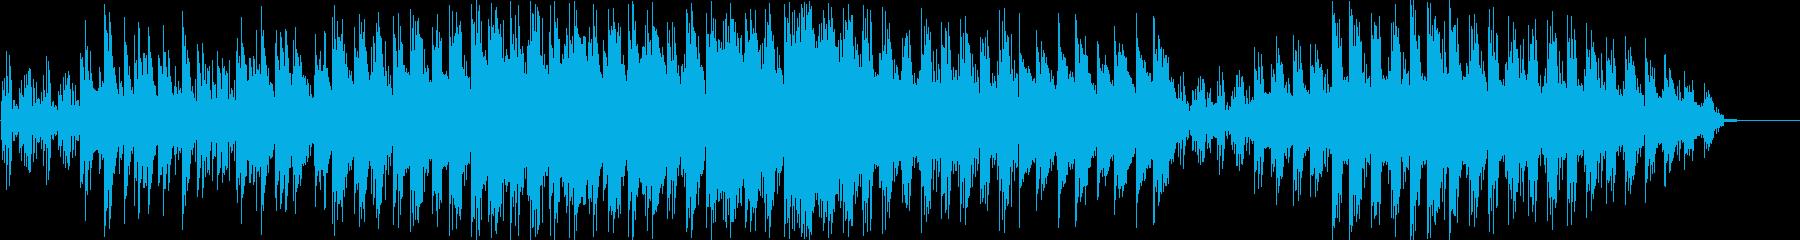 動画 サスペンス 説明的 繰り返し...の再生済みの波形